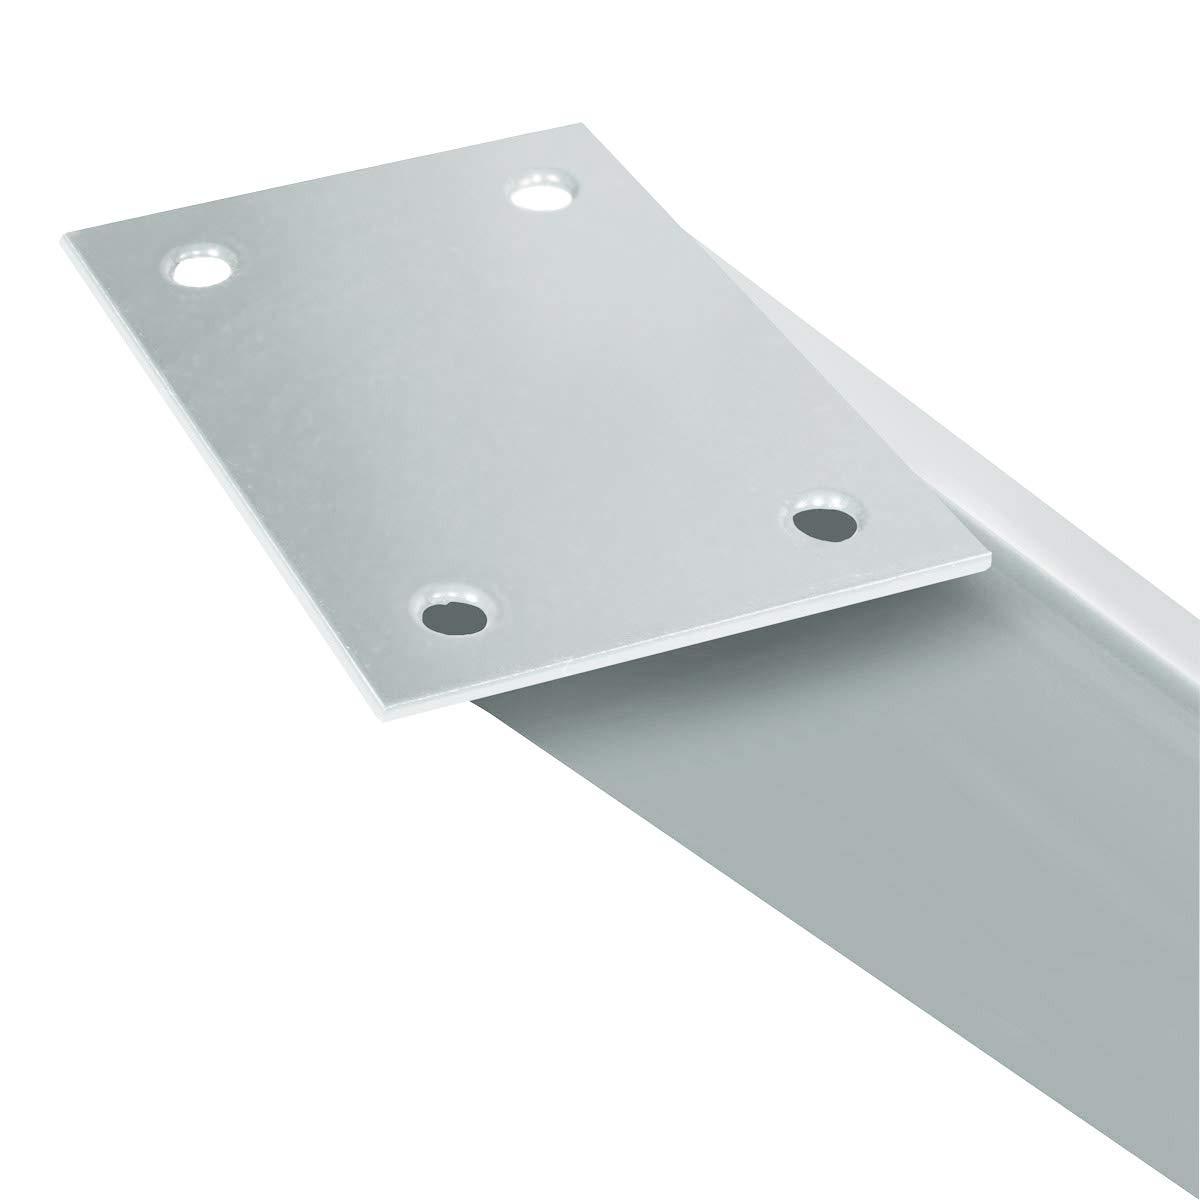 Noir Fonc/é HLT-03-G-CC-9005 Dimensions 60x72 cm HOLZBRINK 1x Pied de Table X en Profil/és dAcier 60x60 mm